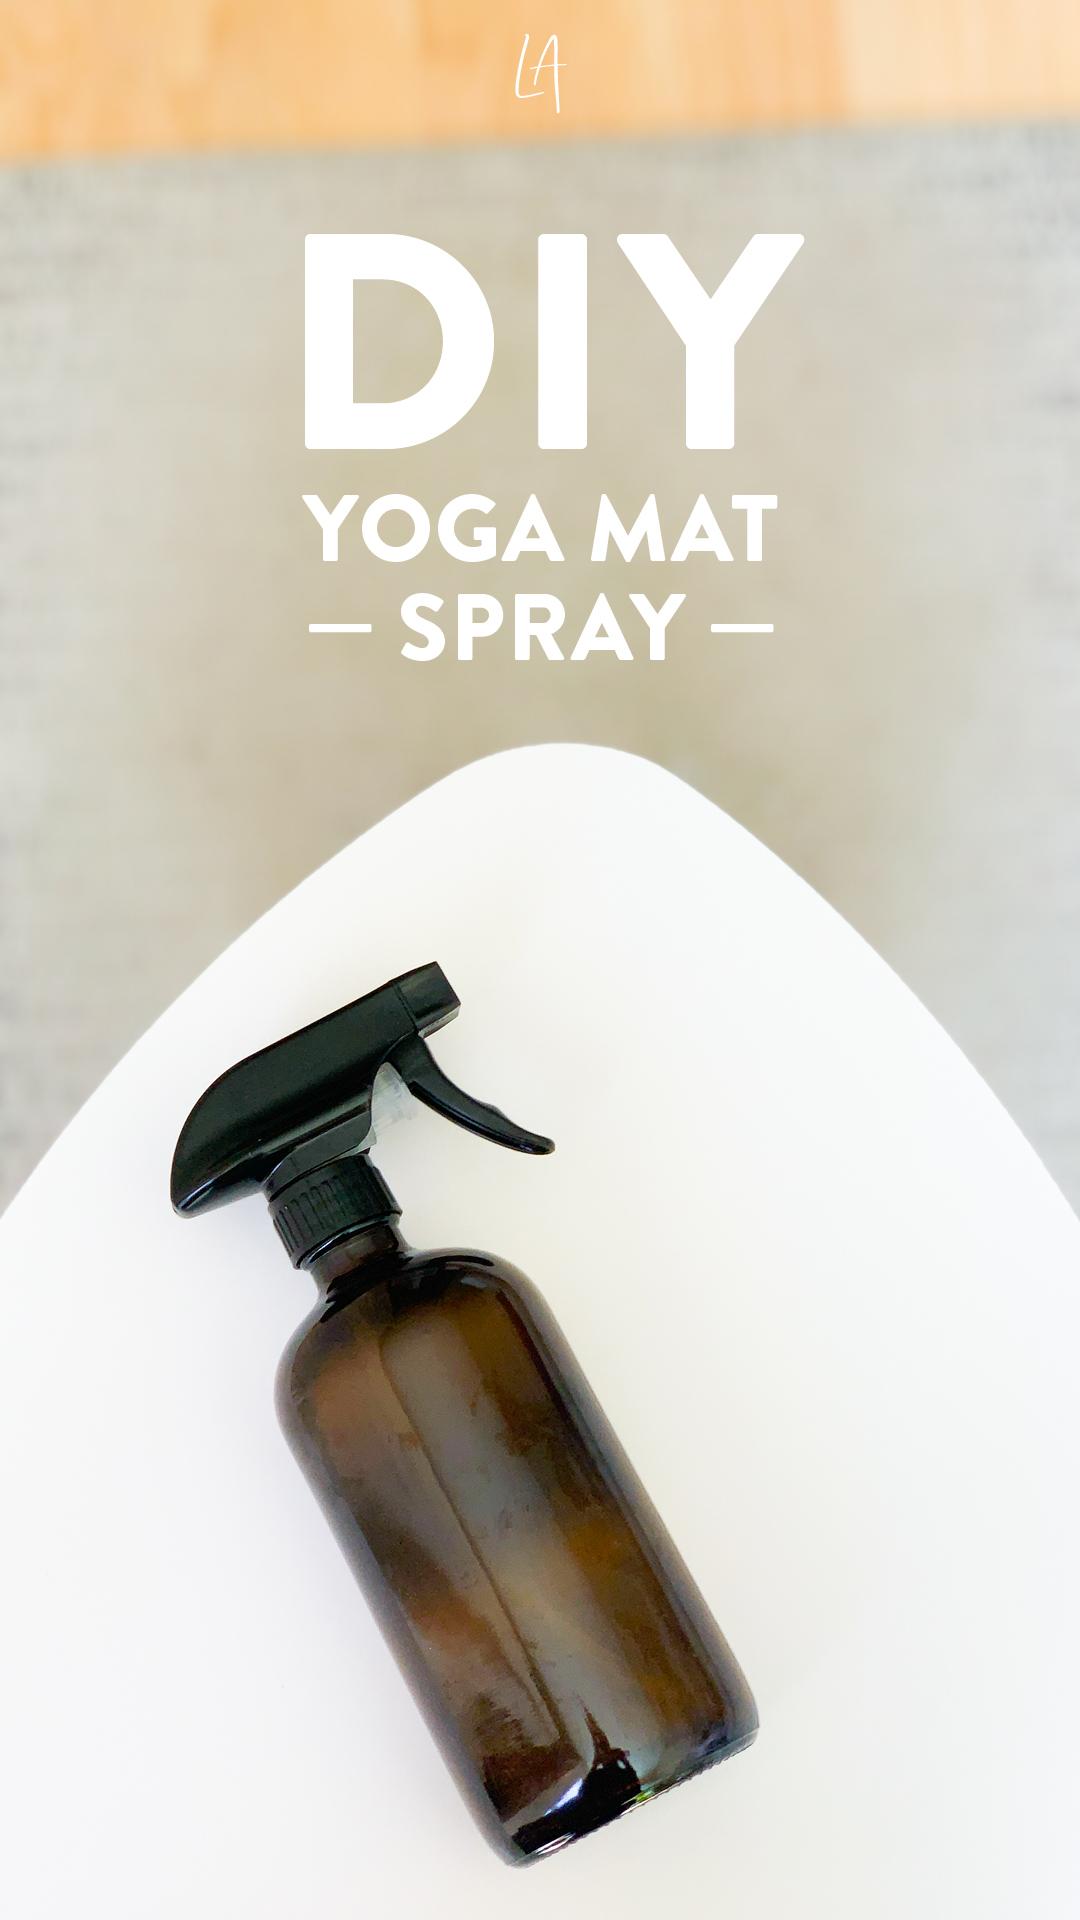 DIY Yoga mat spray without alcohol